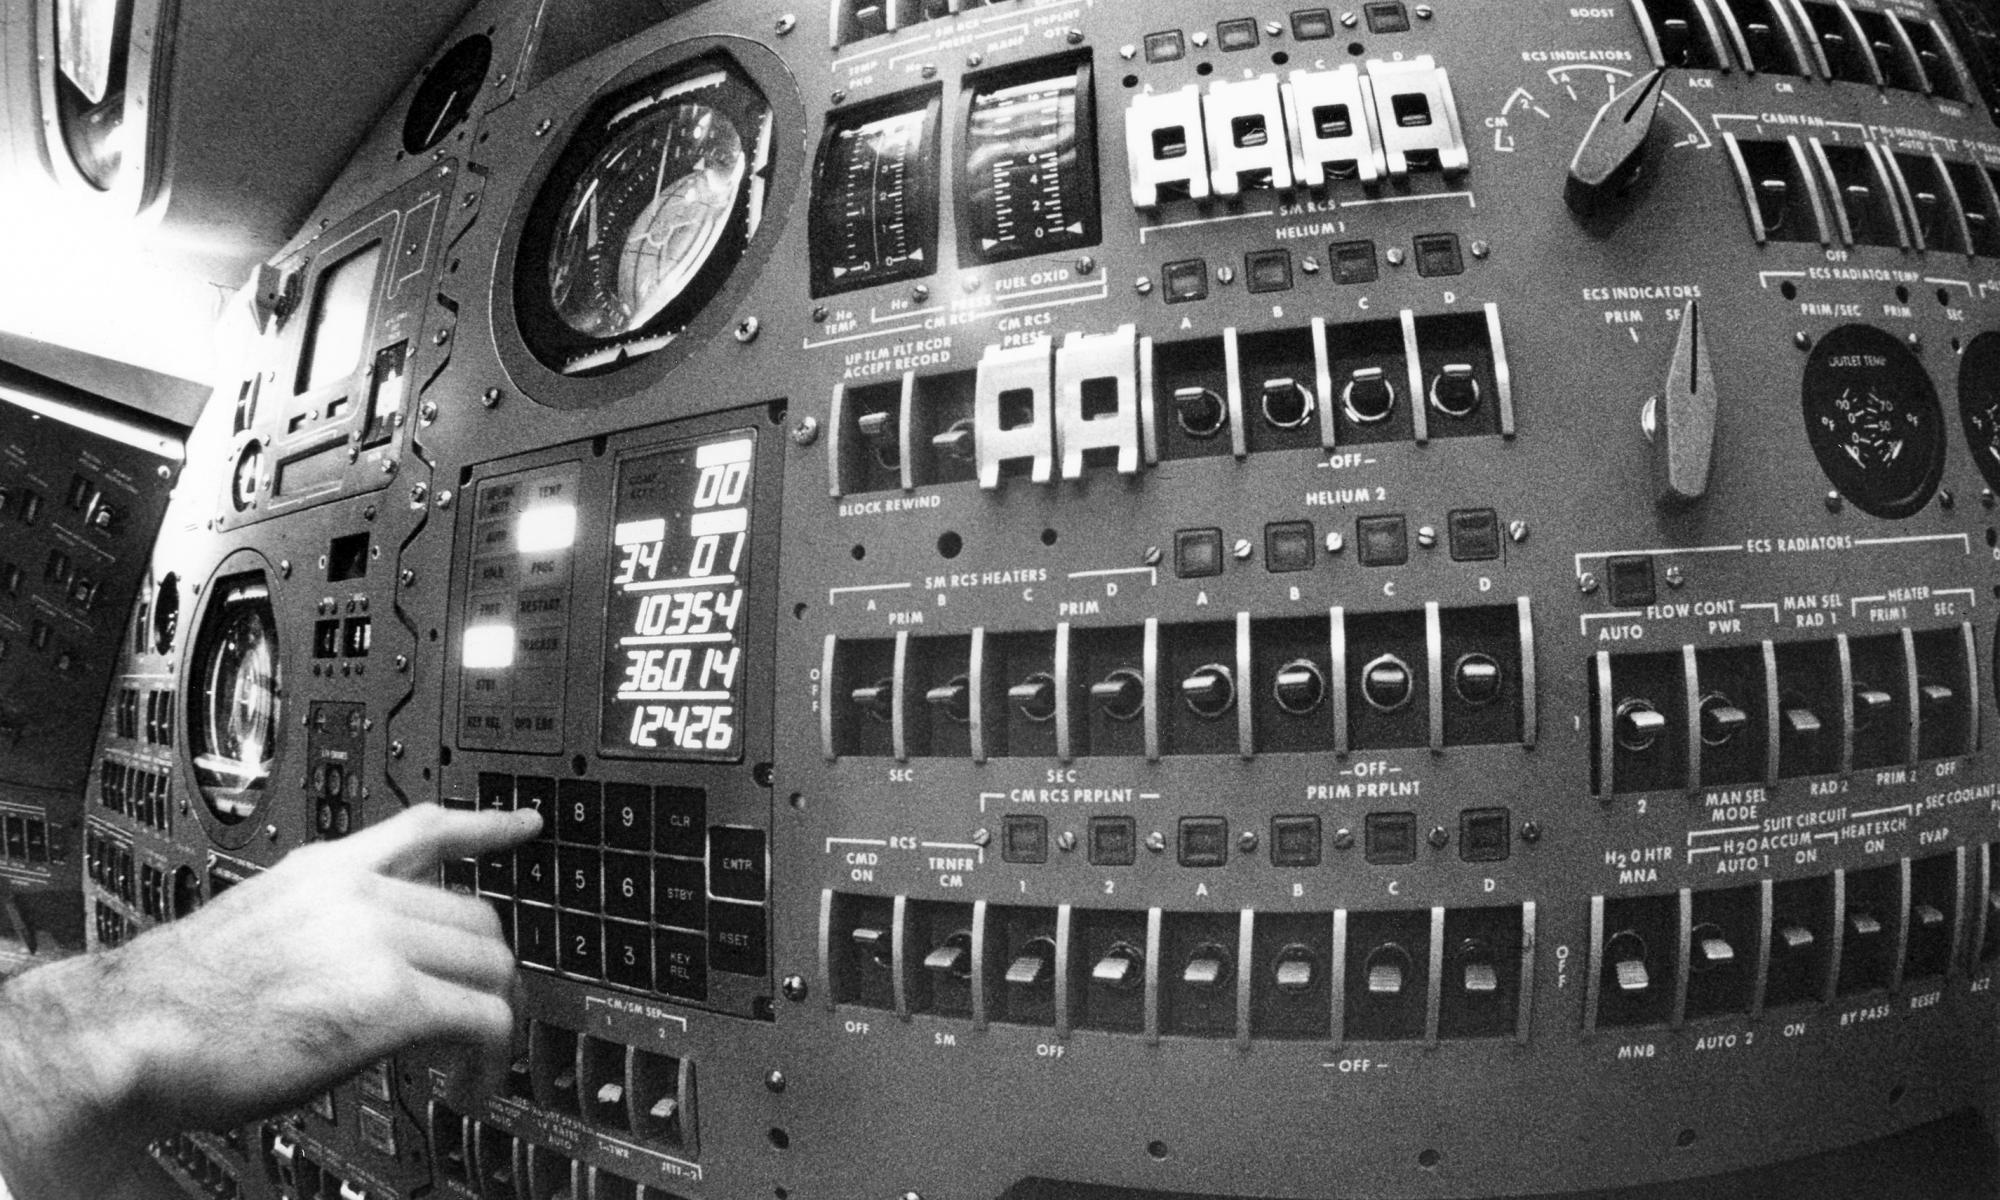 Inside capsule apollo credits NASA